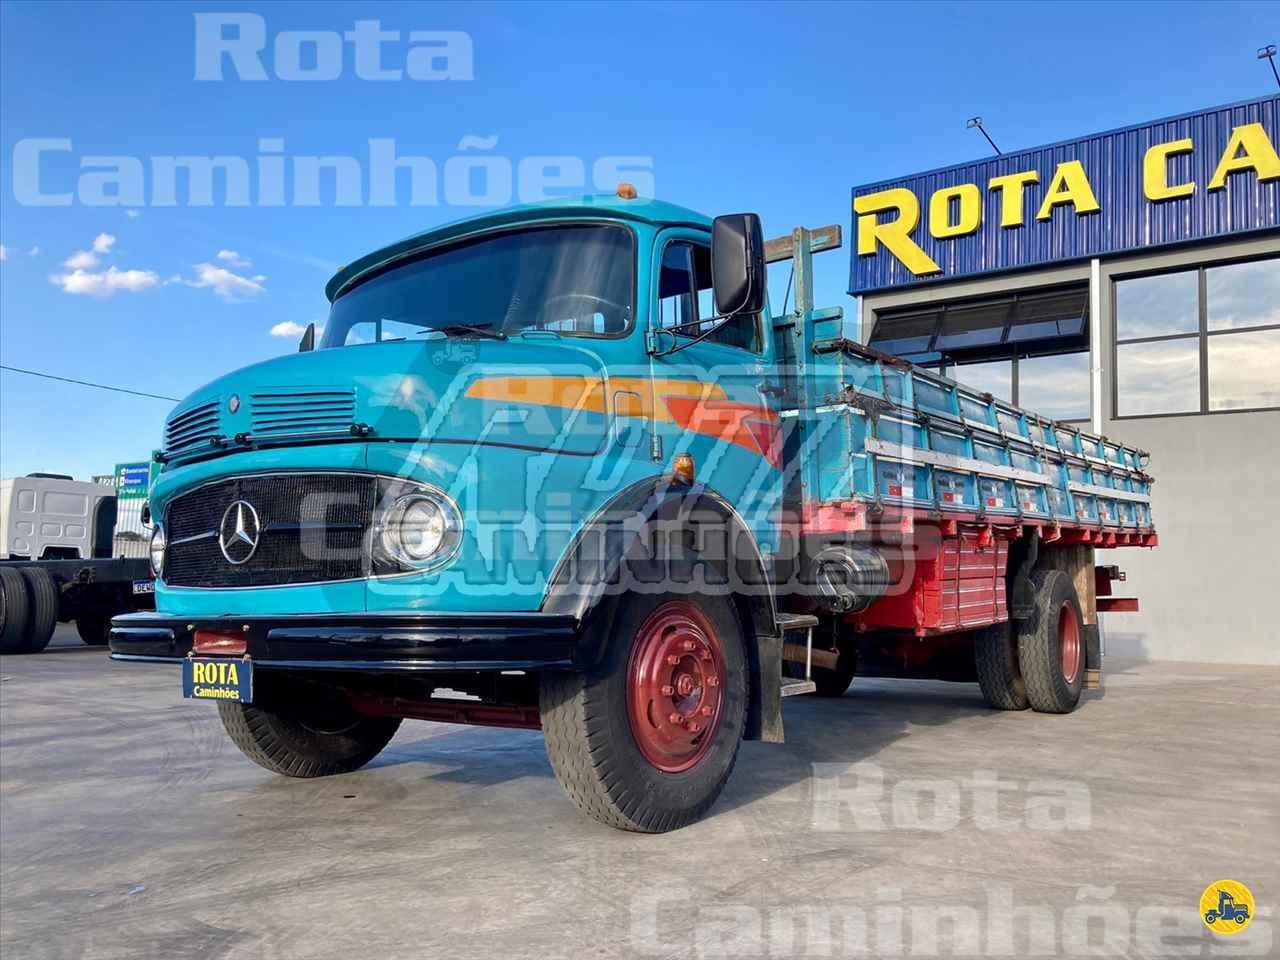 CAMINHAO MERCEDES-BENZ MB 1111 Carga Seca Toco 4x2 Rota Caminhões SUMARE SÃO PAULO SP